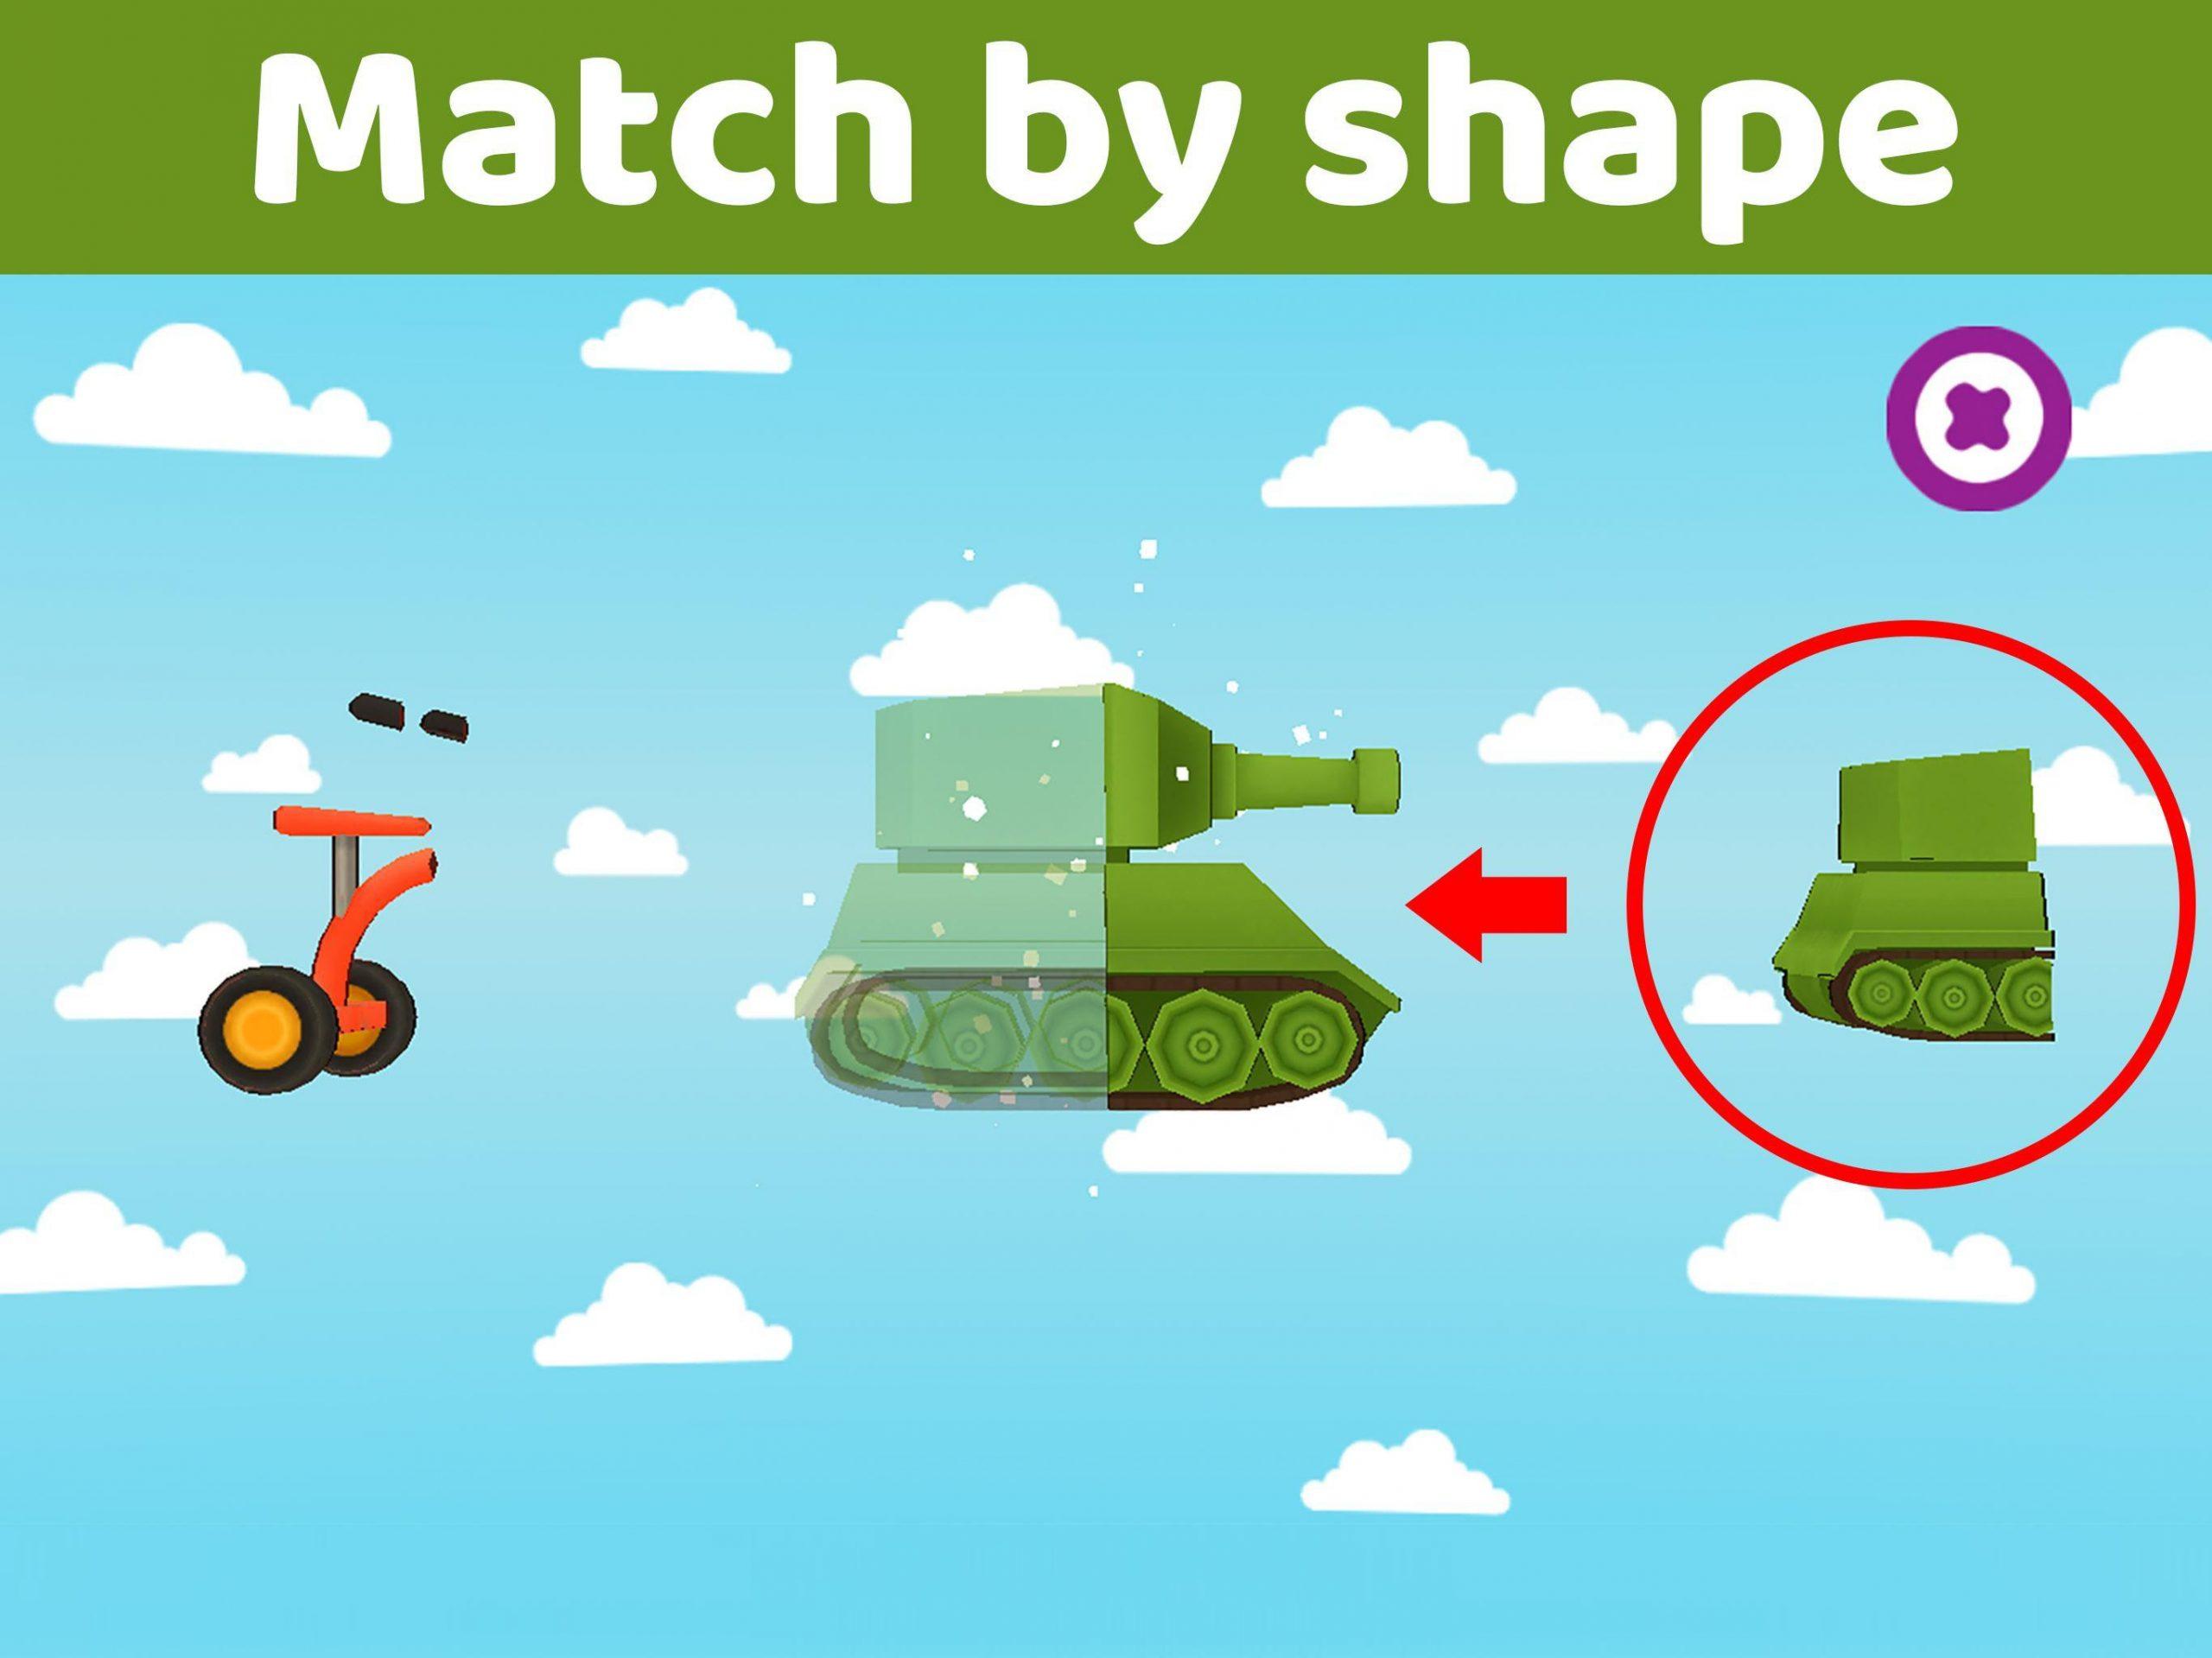 Puzzle Animaux Pour Enfant. Alphabet Jeux Fille Pour Android intérieur Jeux De Fille Puzzle